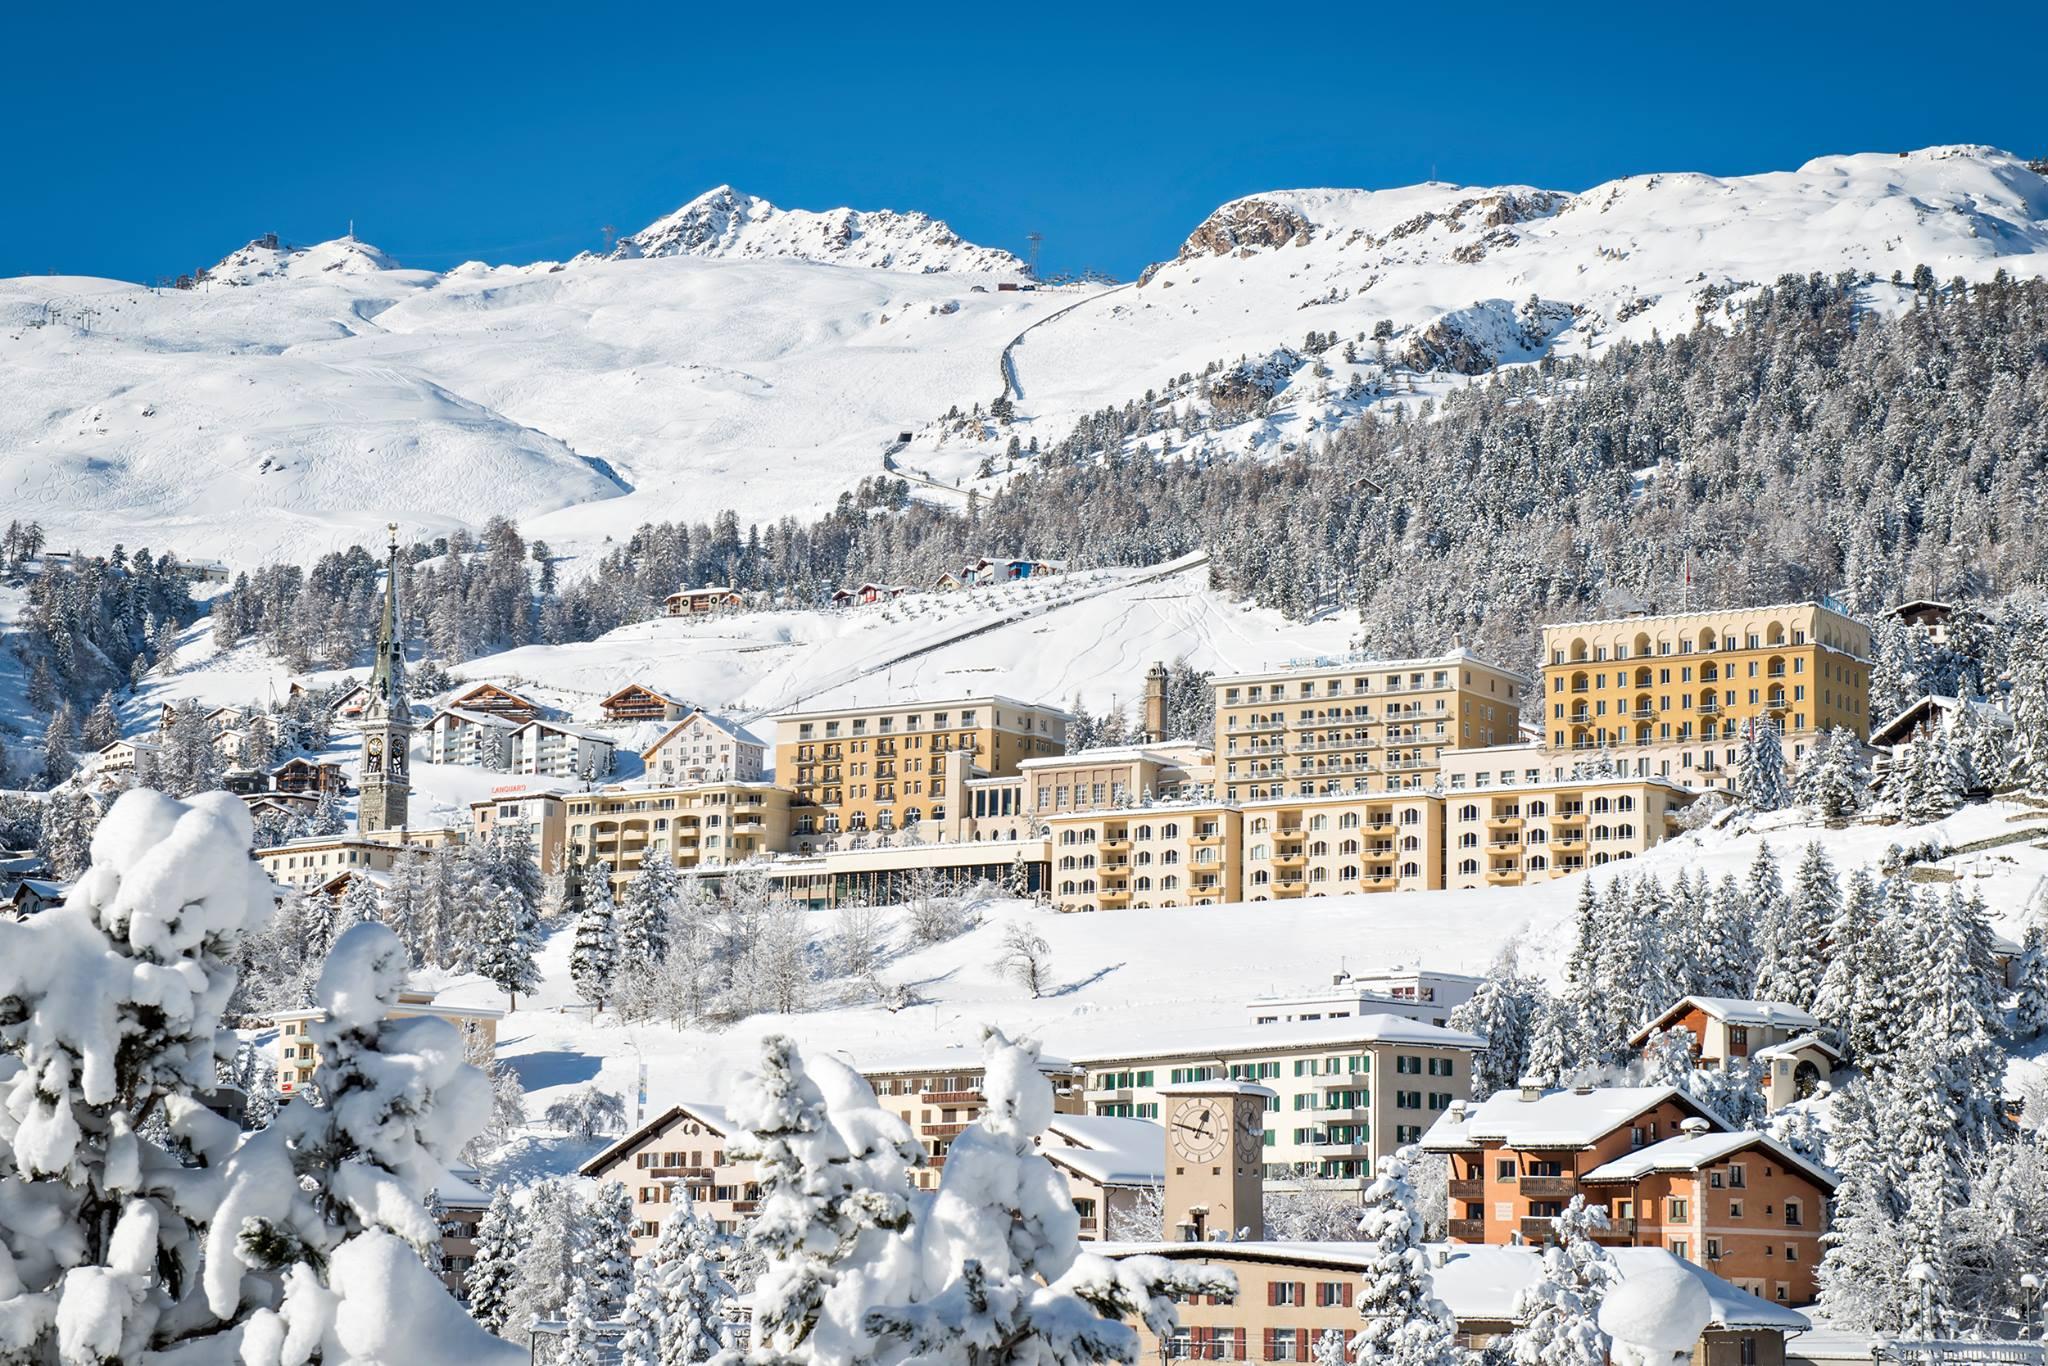 Kulm Hotel St Moritz Swiss adrenaline break - the Best extreme weekend